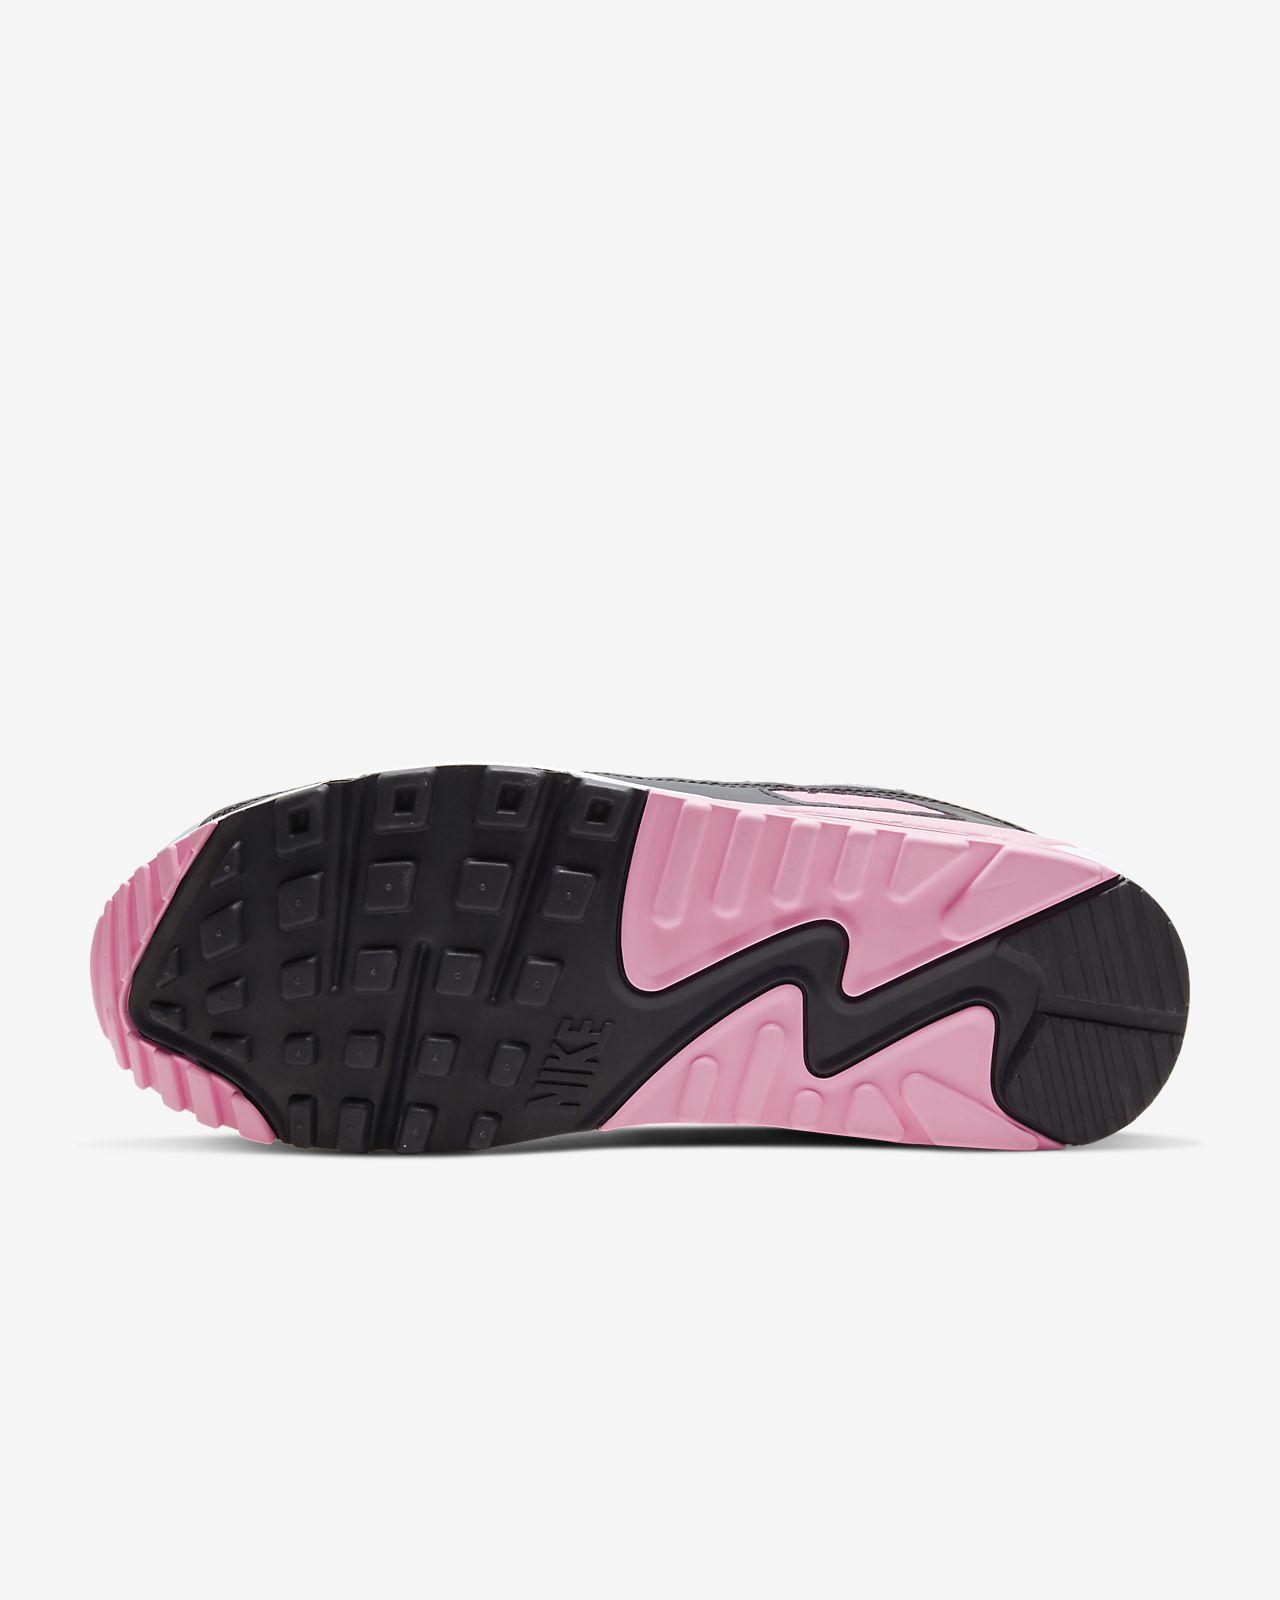 A Neutral Colored Nike Air Max 90 •